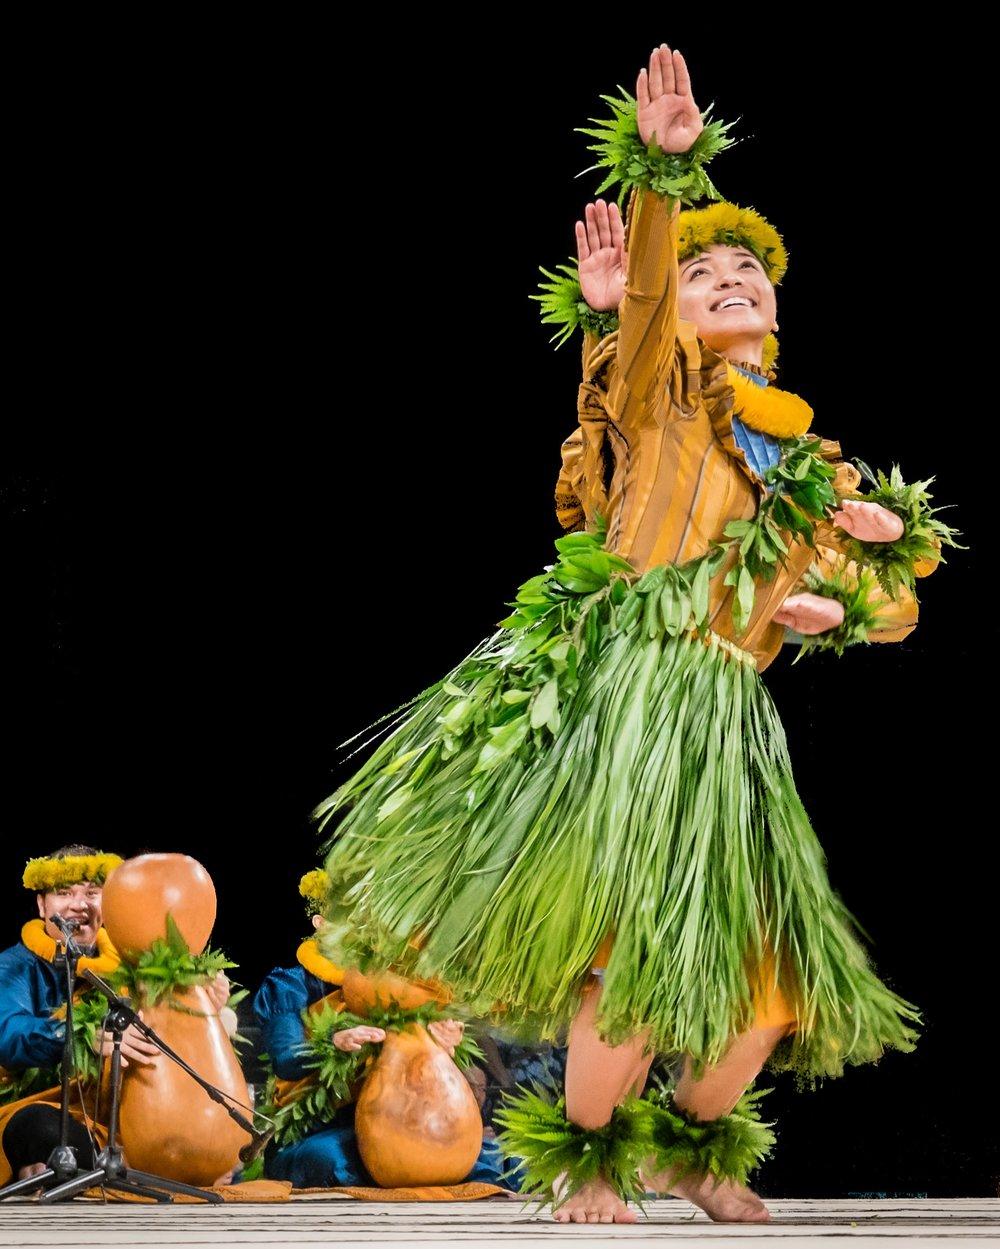 Halau-Manaola-Merrie-Monarch-Hula-Festival-EMotion-Galleries-Ranae-Keane-Photography-Destination-Wedding-Big-Island-Hawaii_014_180406_.jpg